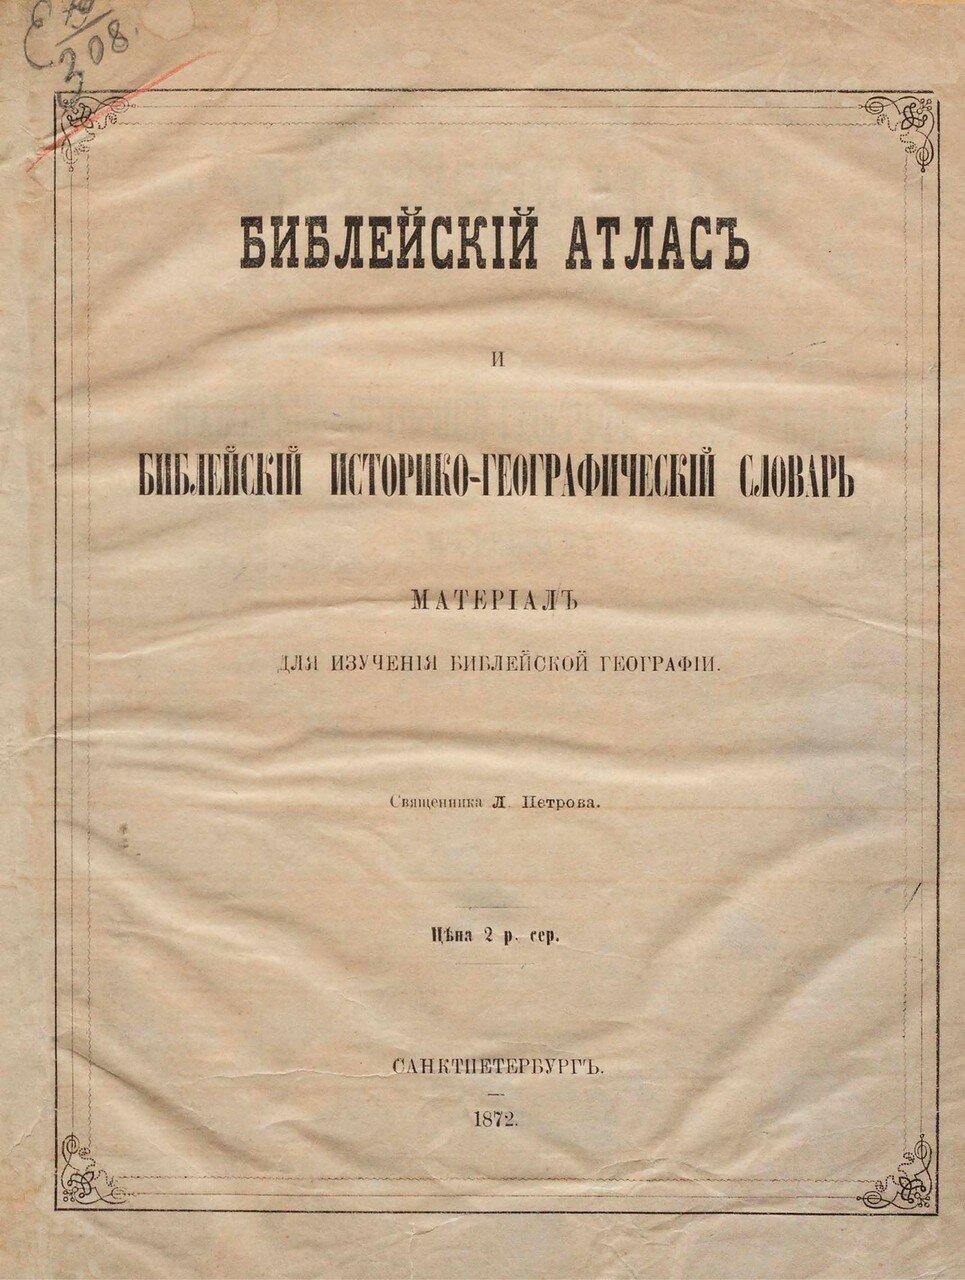 1872. Библейский атлас